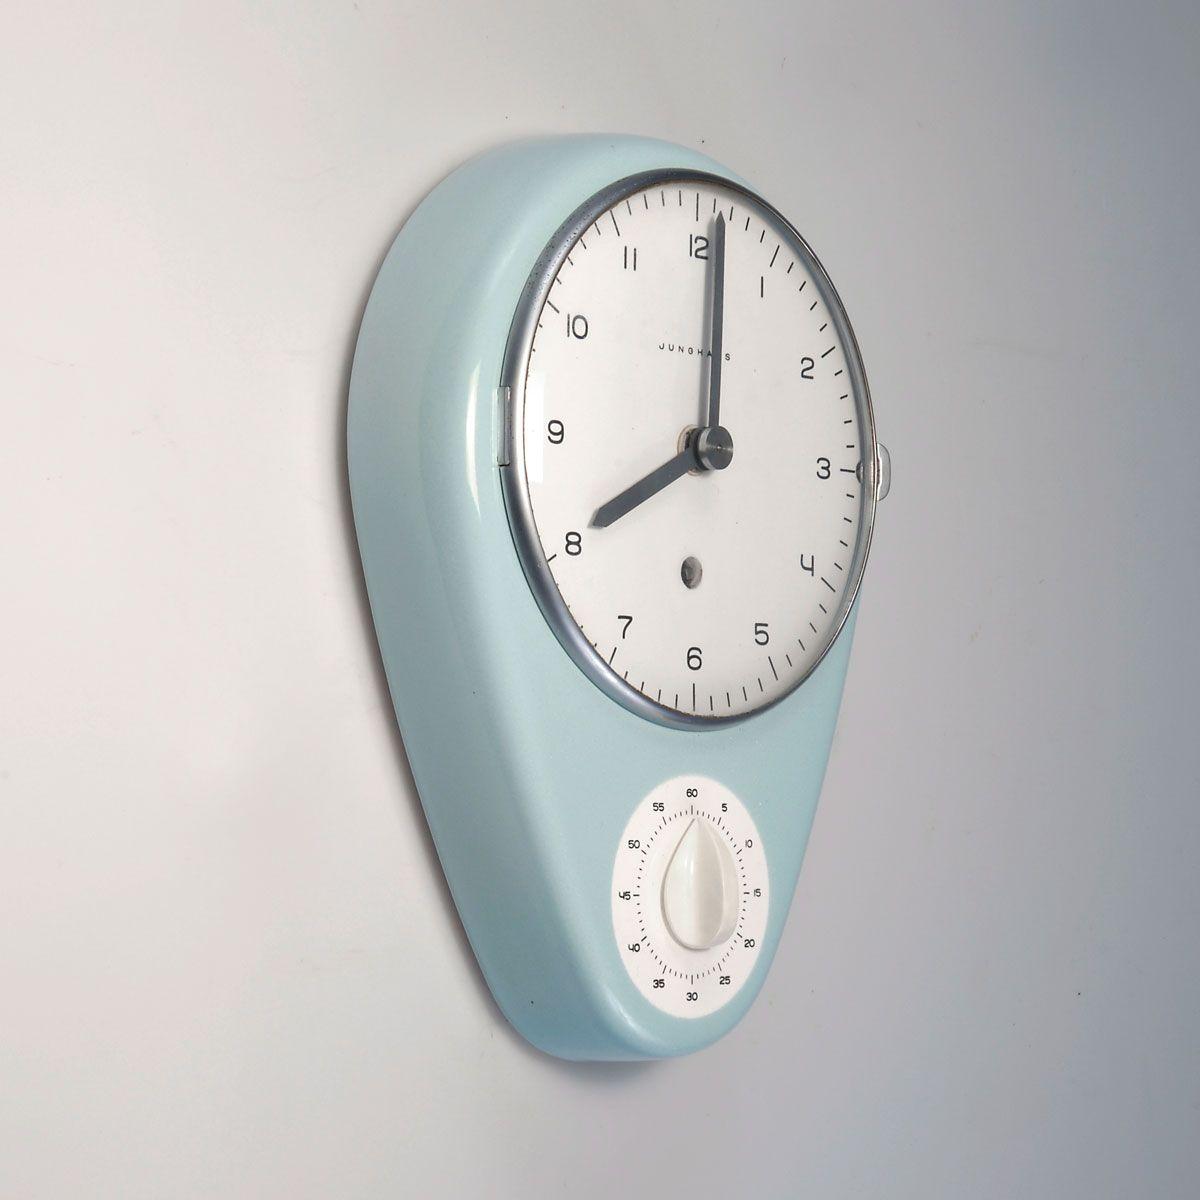 max bill k chenuhr 1956 57 hersteller junghans schramberg via quittenbaum kunstauktionen. Black Bedroom Furniture Sets. Home Design Ideas